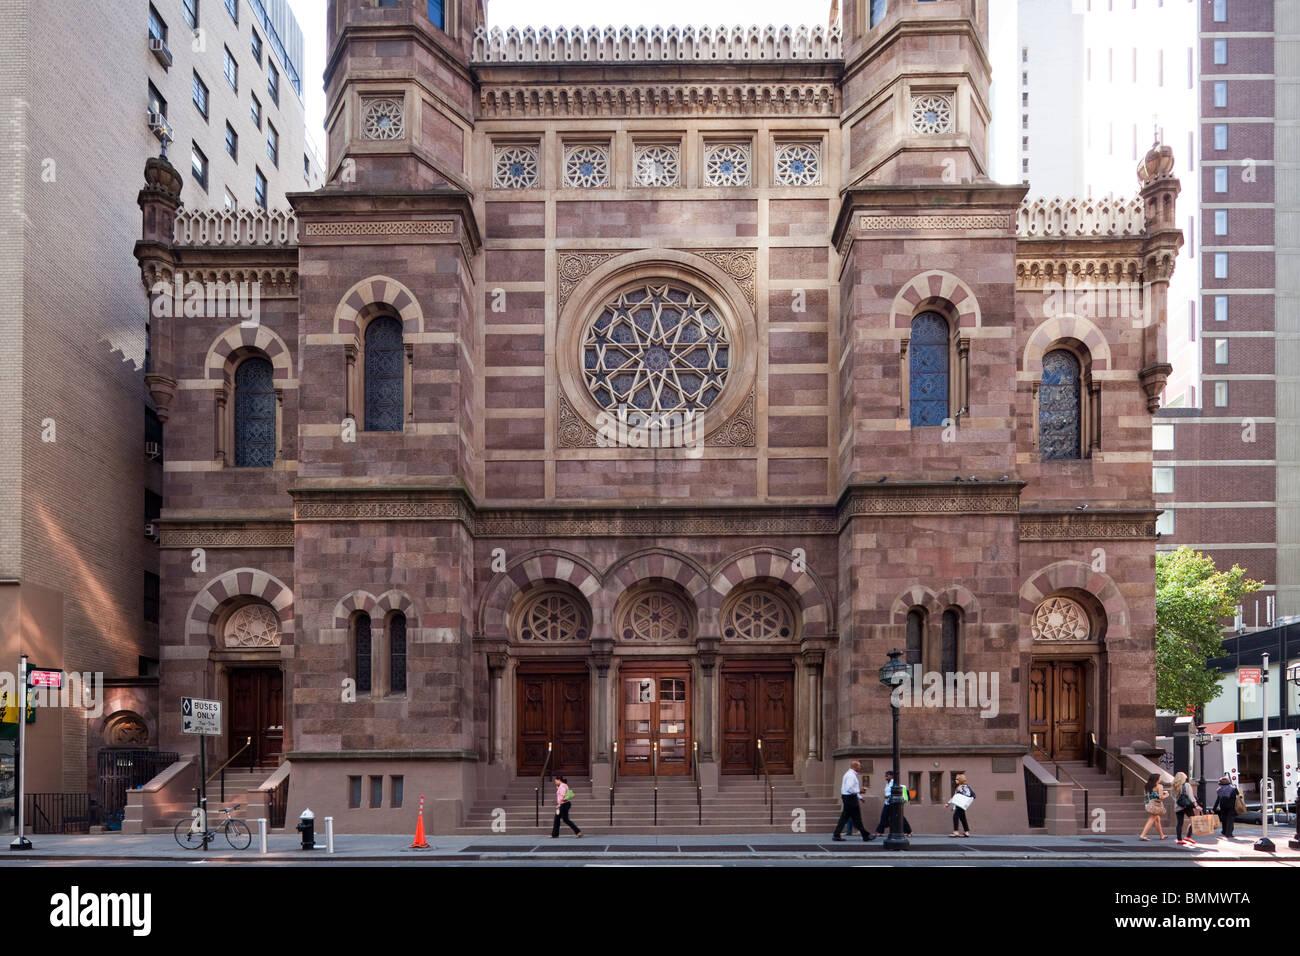 facade of Central Synagogue, Lexington Avenue, Manhattan